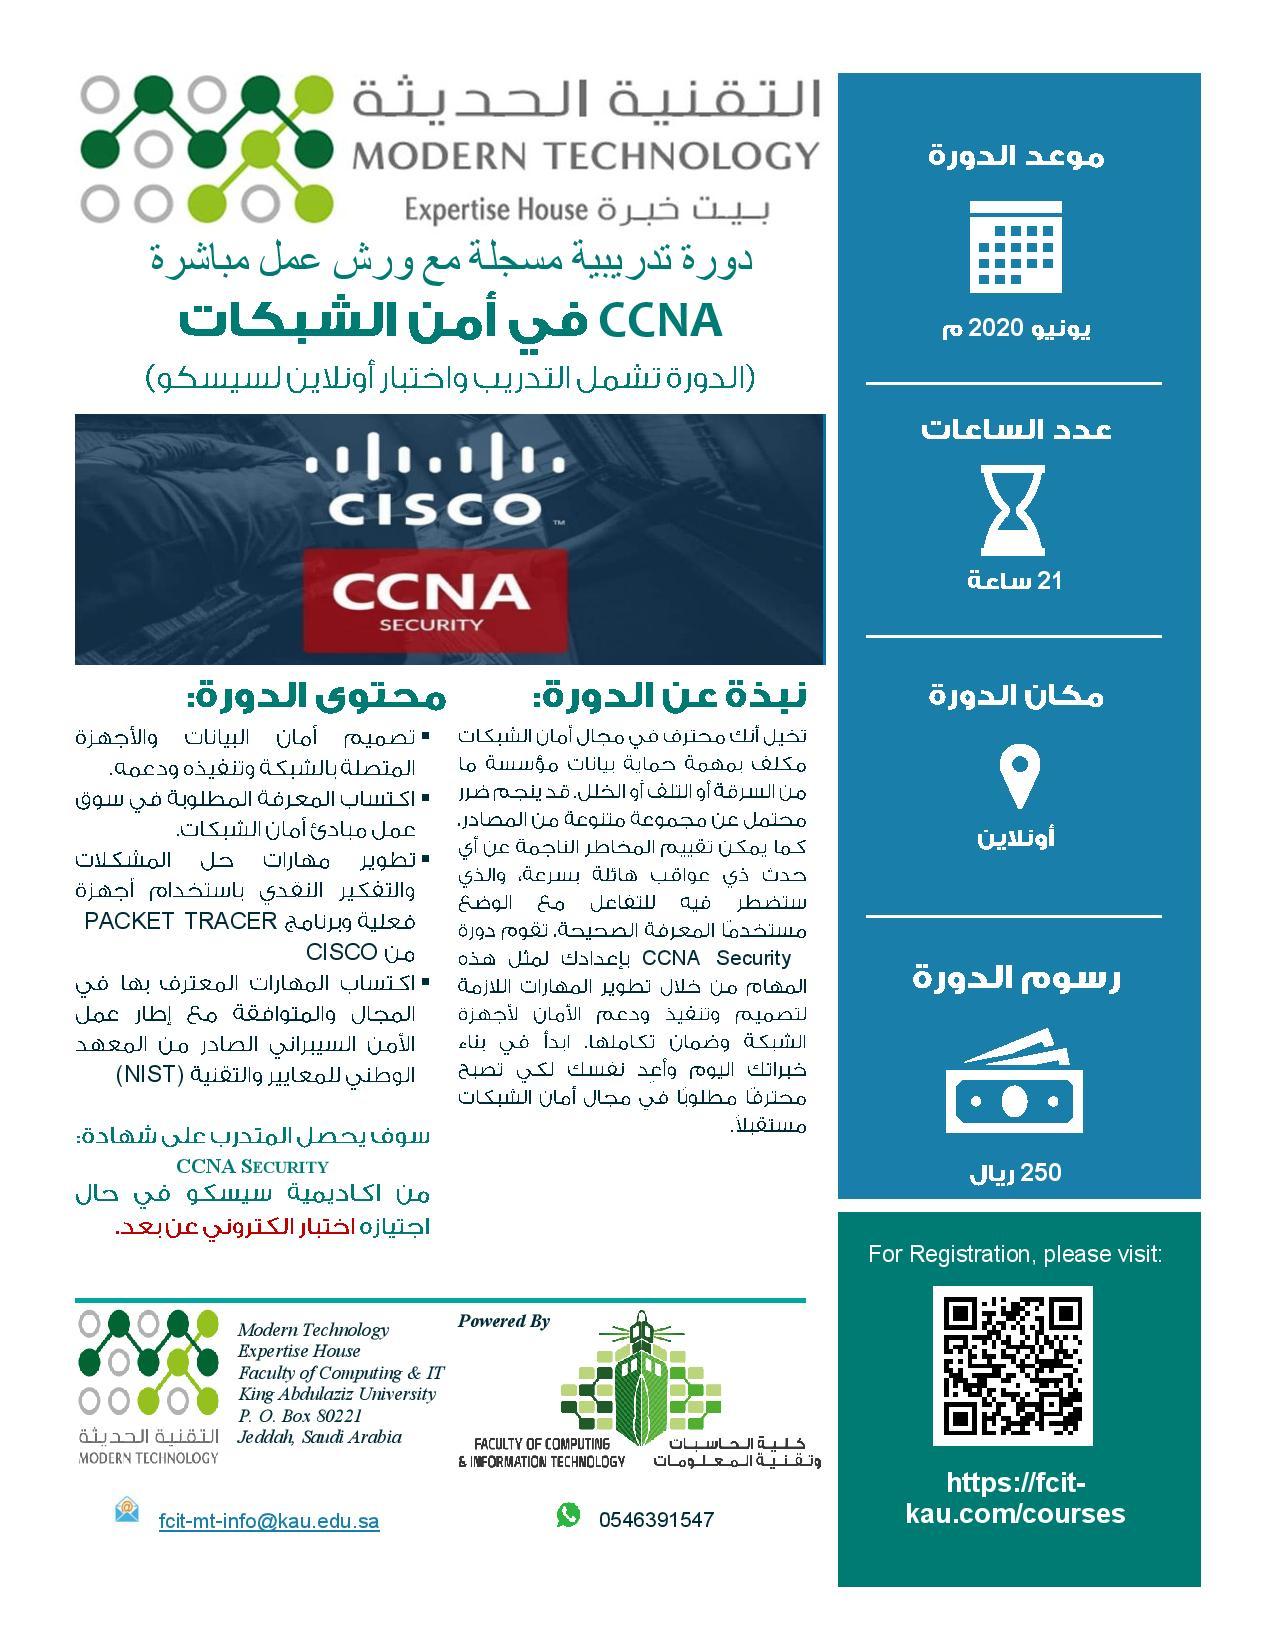 دورات بيت خبرة التقنية الحديثة بكلية الحاسبات وتقنية المعلومات جامعة الملك عبد العز